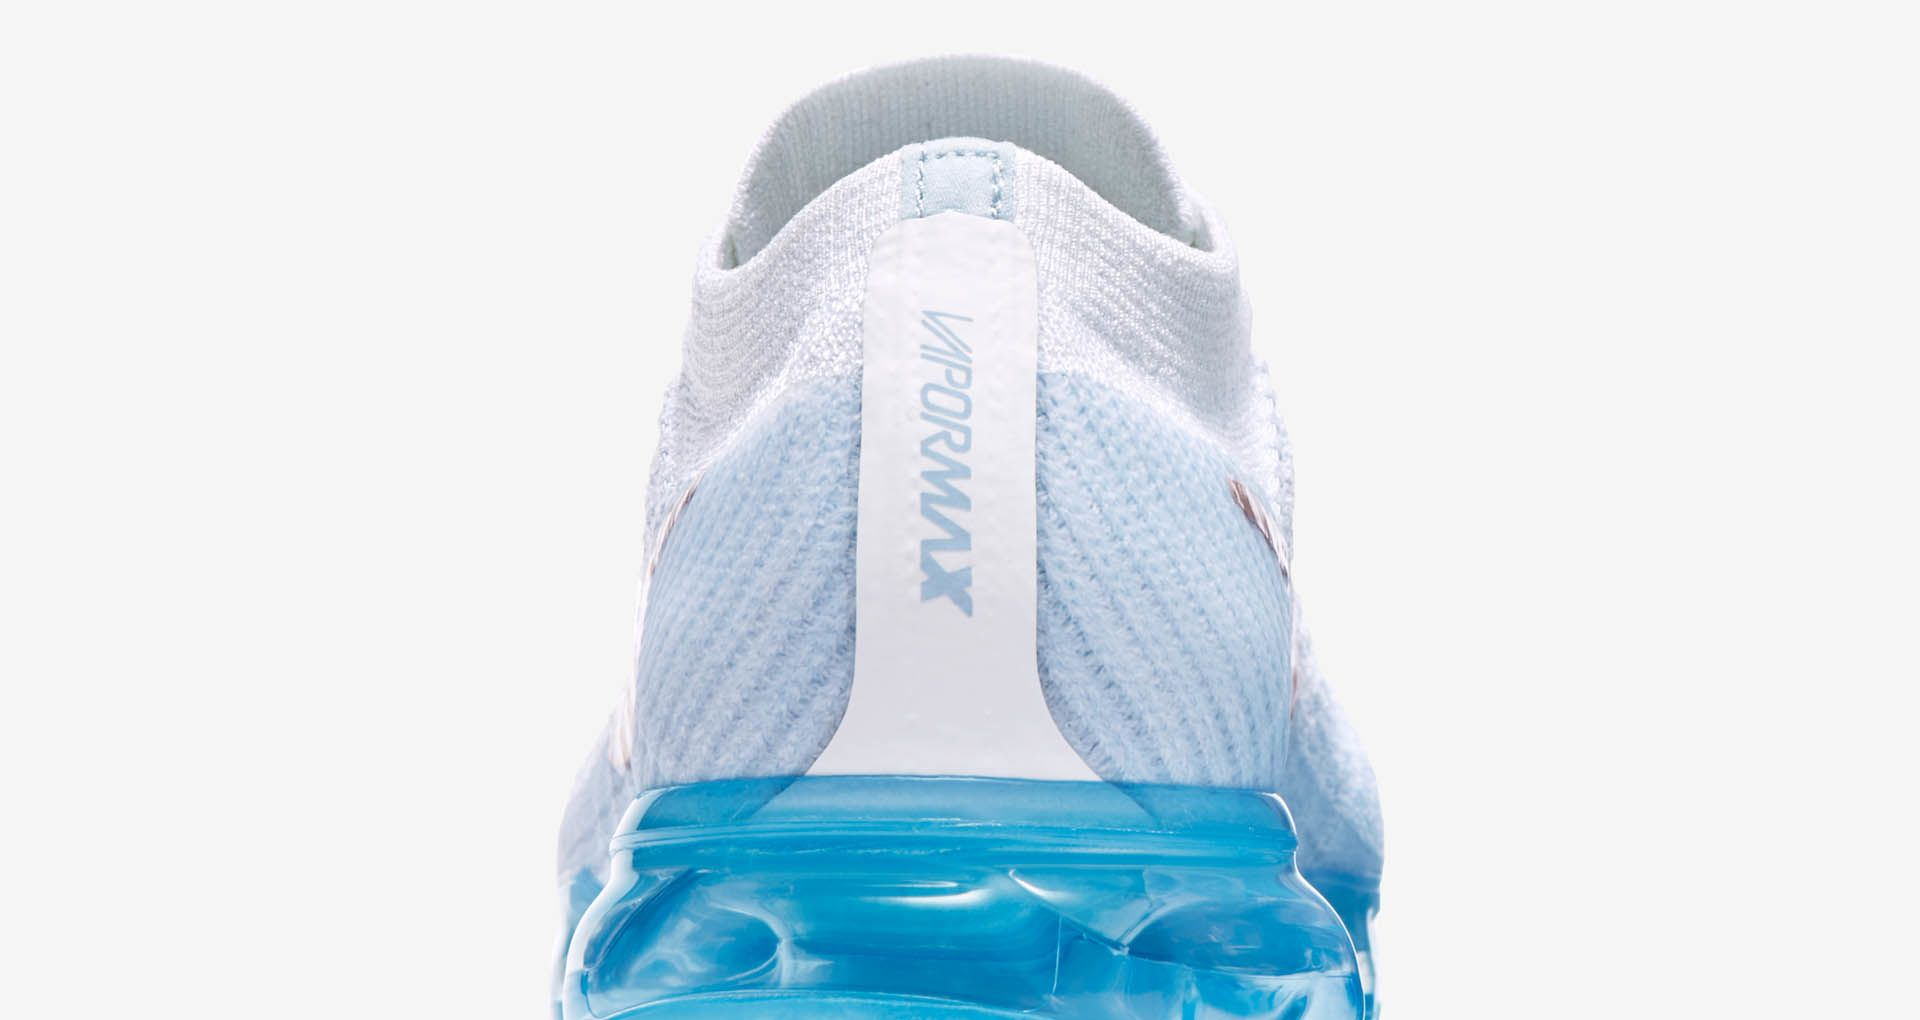 Women's Nike Air VaporMax Flyknit 'Summit White & Hydrogen